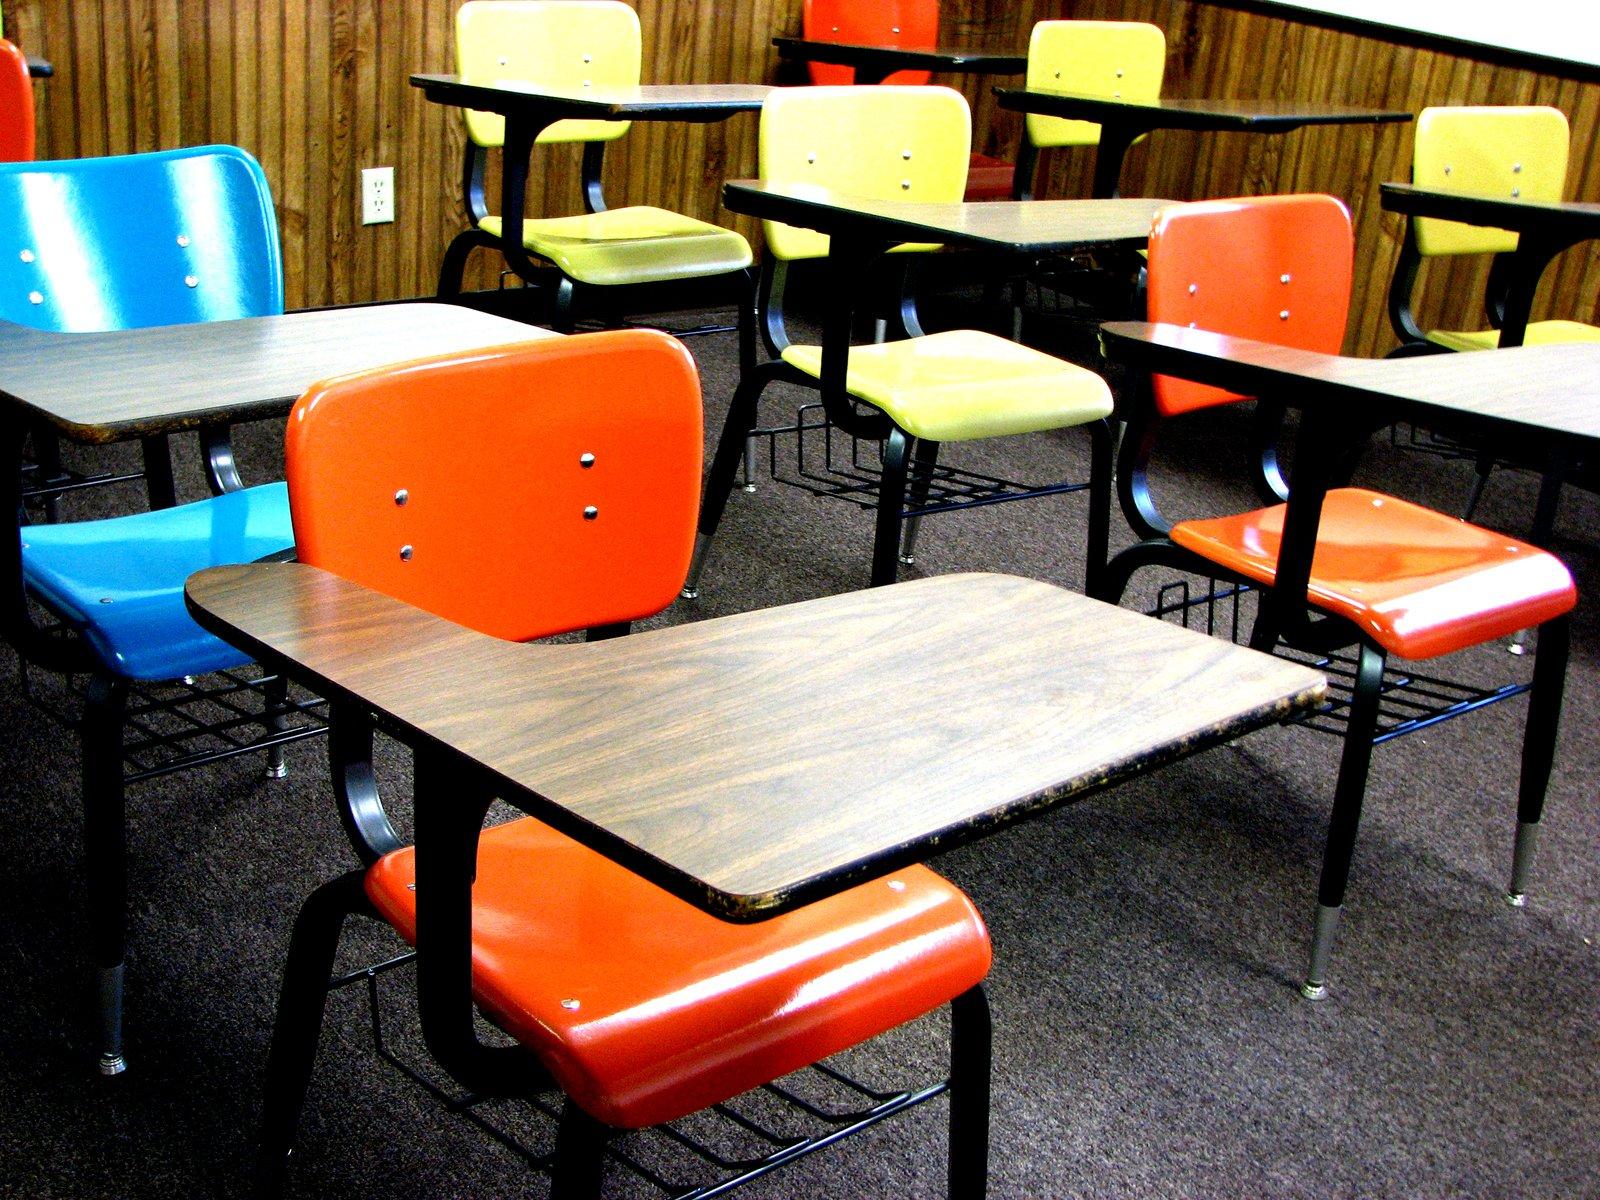 Scuola, emergenza Covid-19: il fallimento della Didattica a Distanza